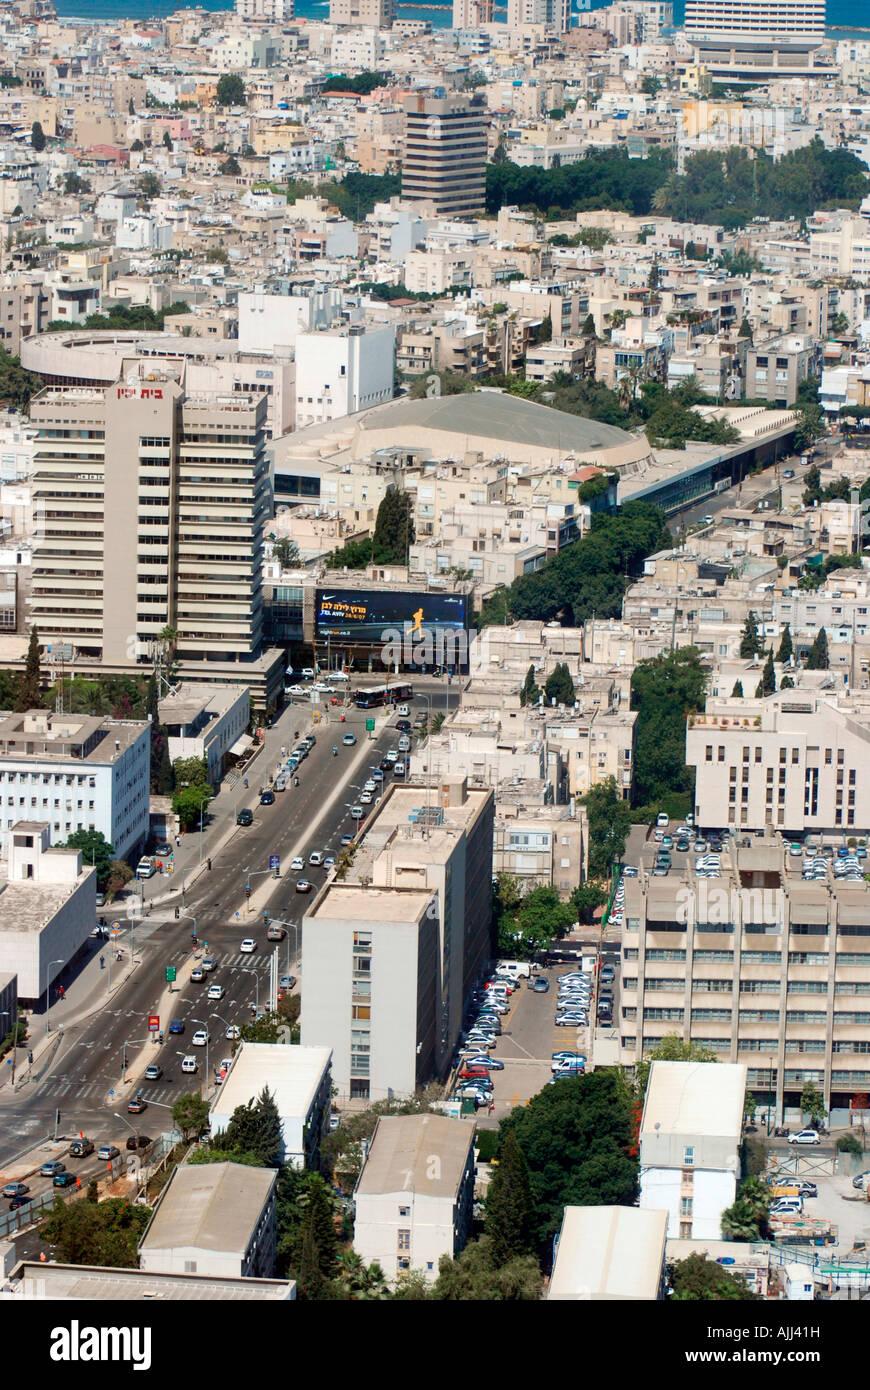 Israel Tel Aviv Kaplan street aerial photography looking west - Stock Image